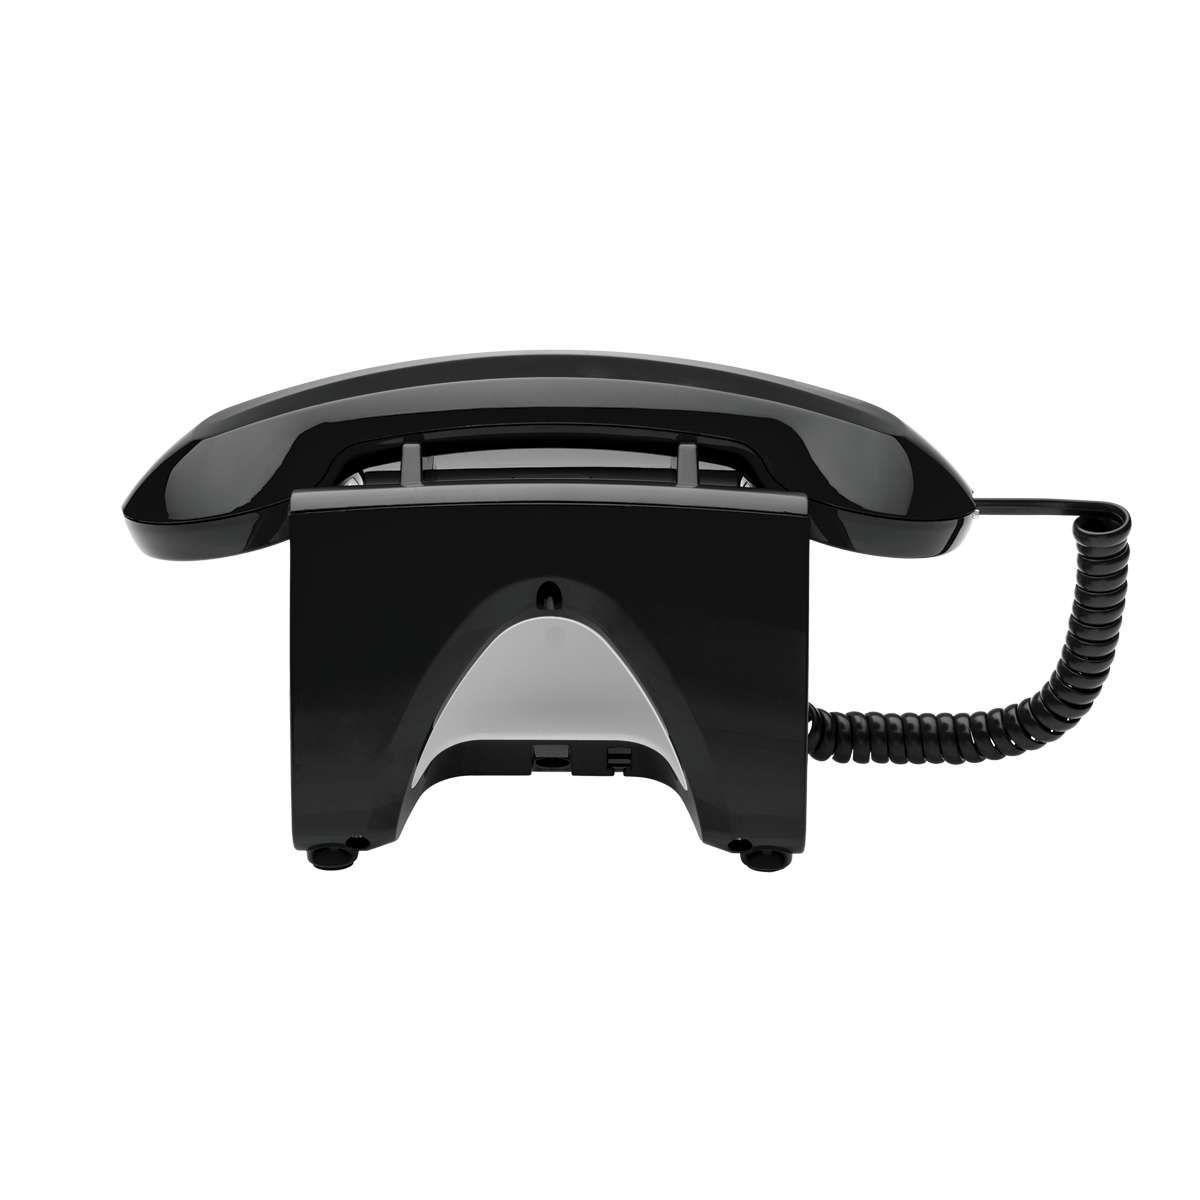 Telefone Intelbras TC 8312 Retro Preto  - ShopNoroeste.com.br